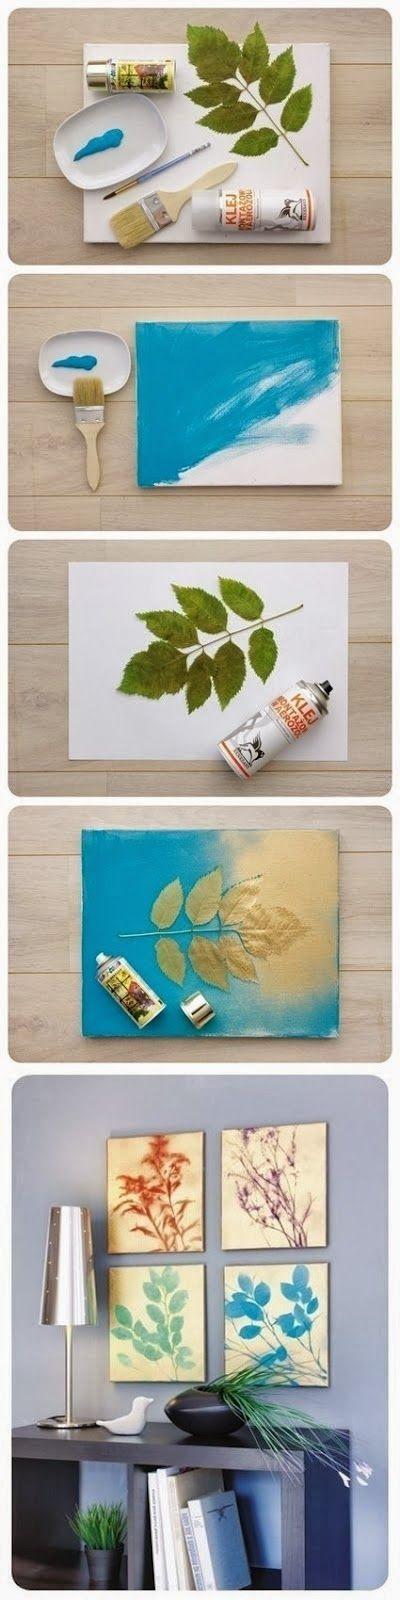 tableaux réaliser avec du feuillage ou différents objets , très simple à faire, idéal aussi pour les enfants . Jas.